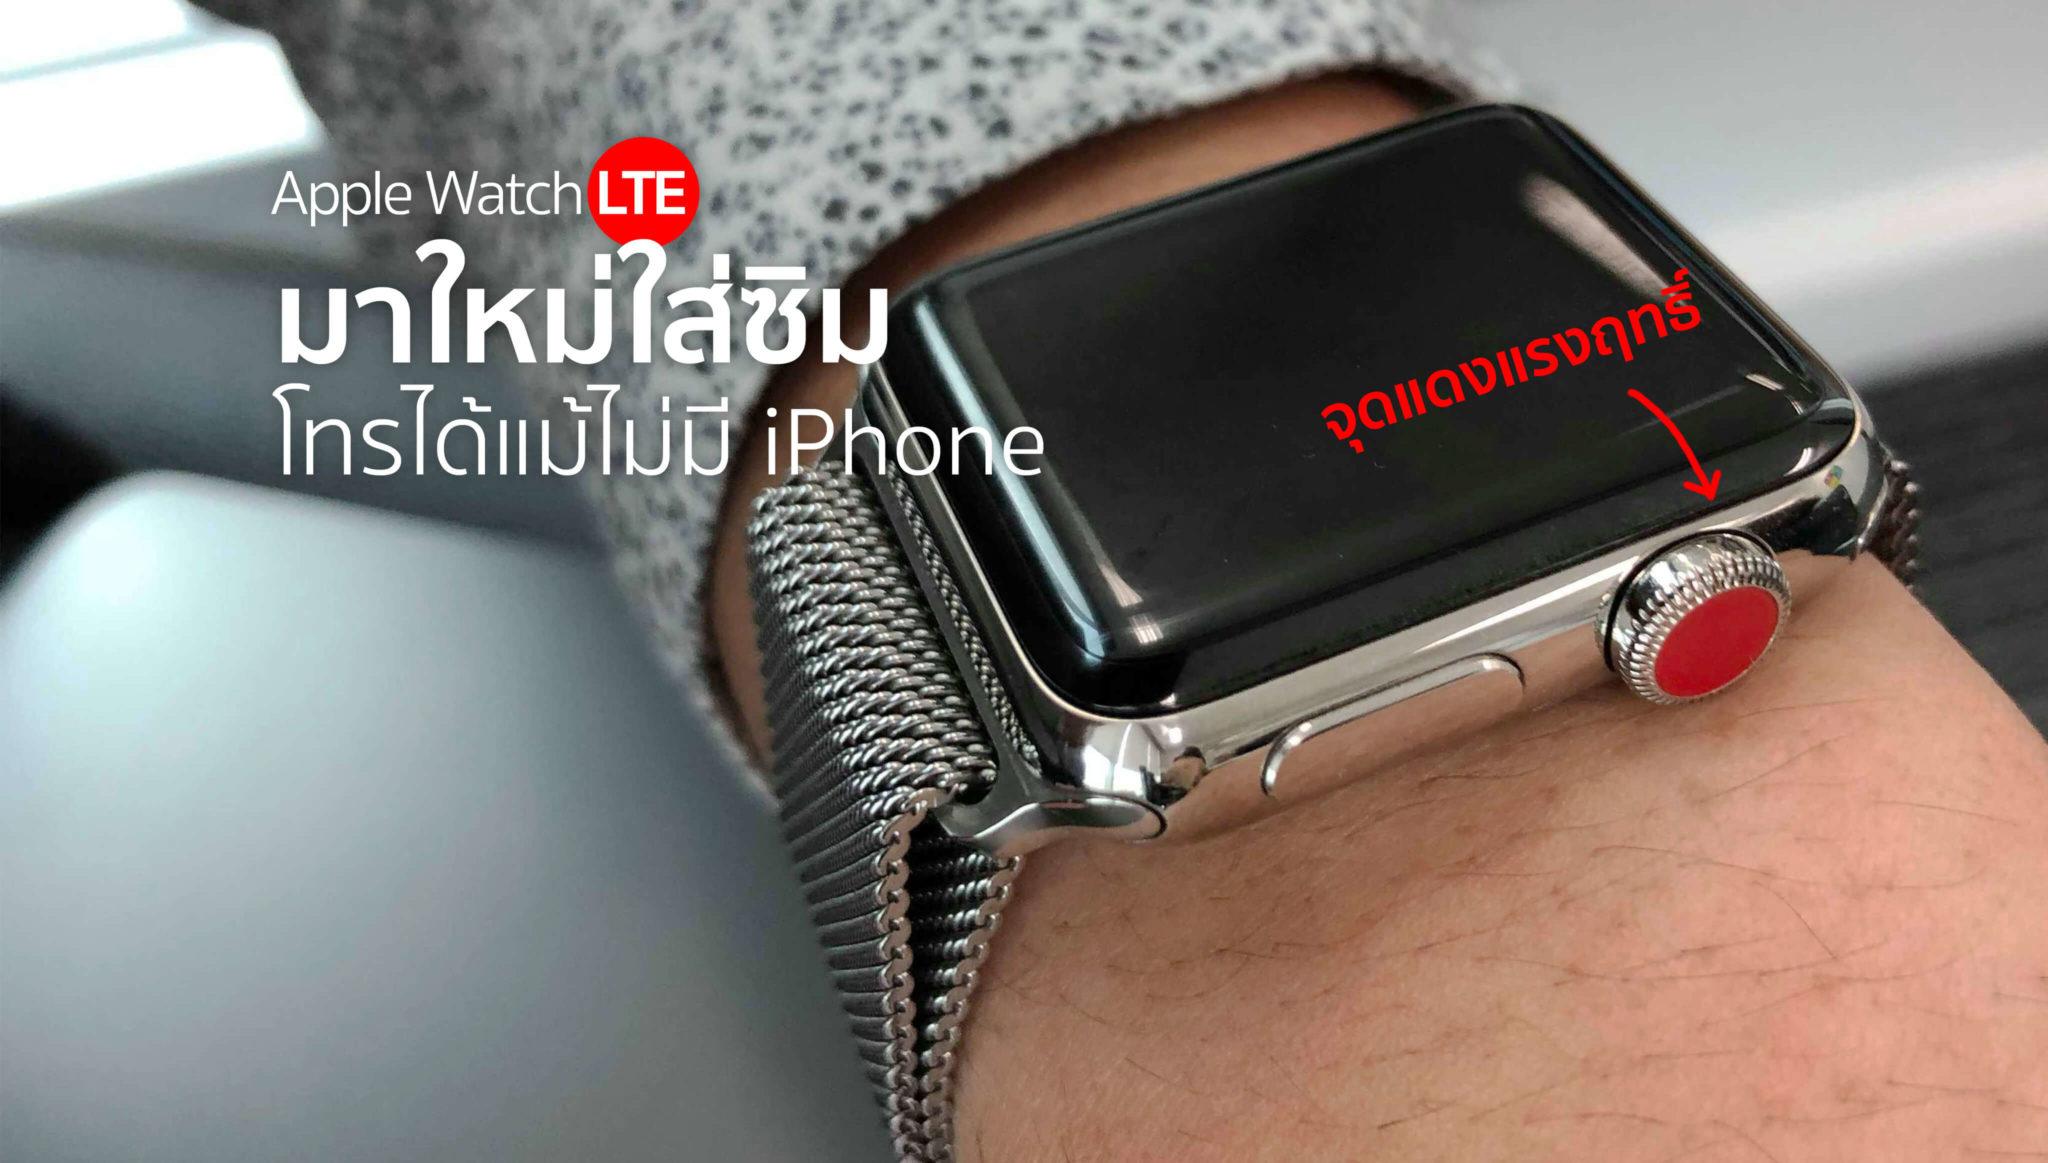 รีวิว Apple Watch LTE นาฬิกาแอปเปิ้ลใหม่ใส่ซิม โทรได้แม้ไร้ iPhone 2 - Smart Home